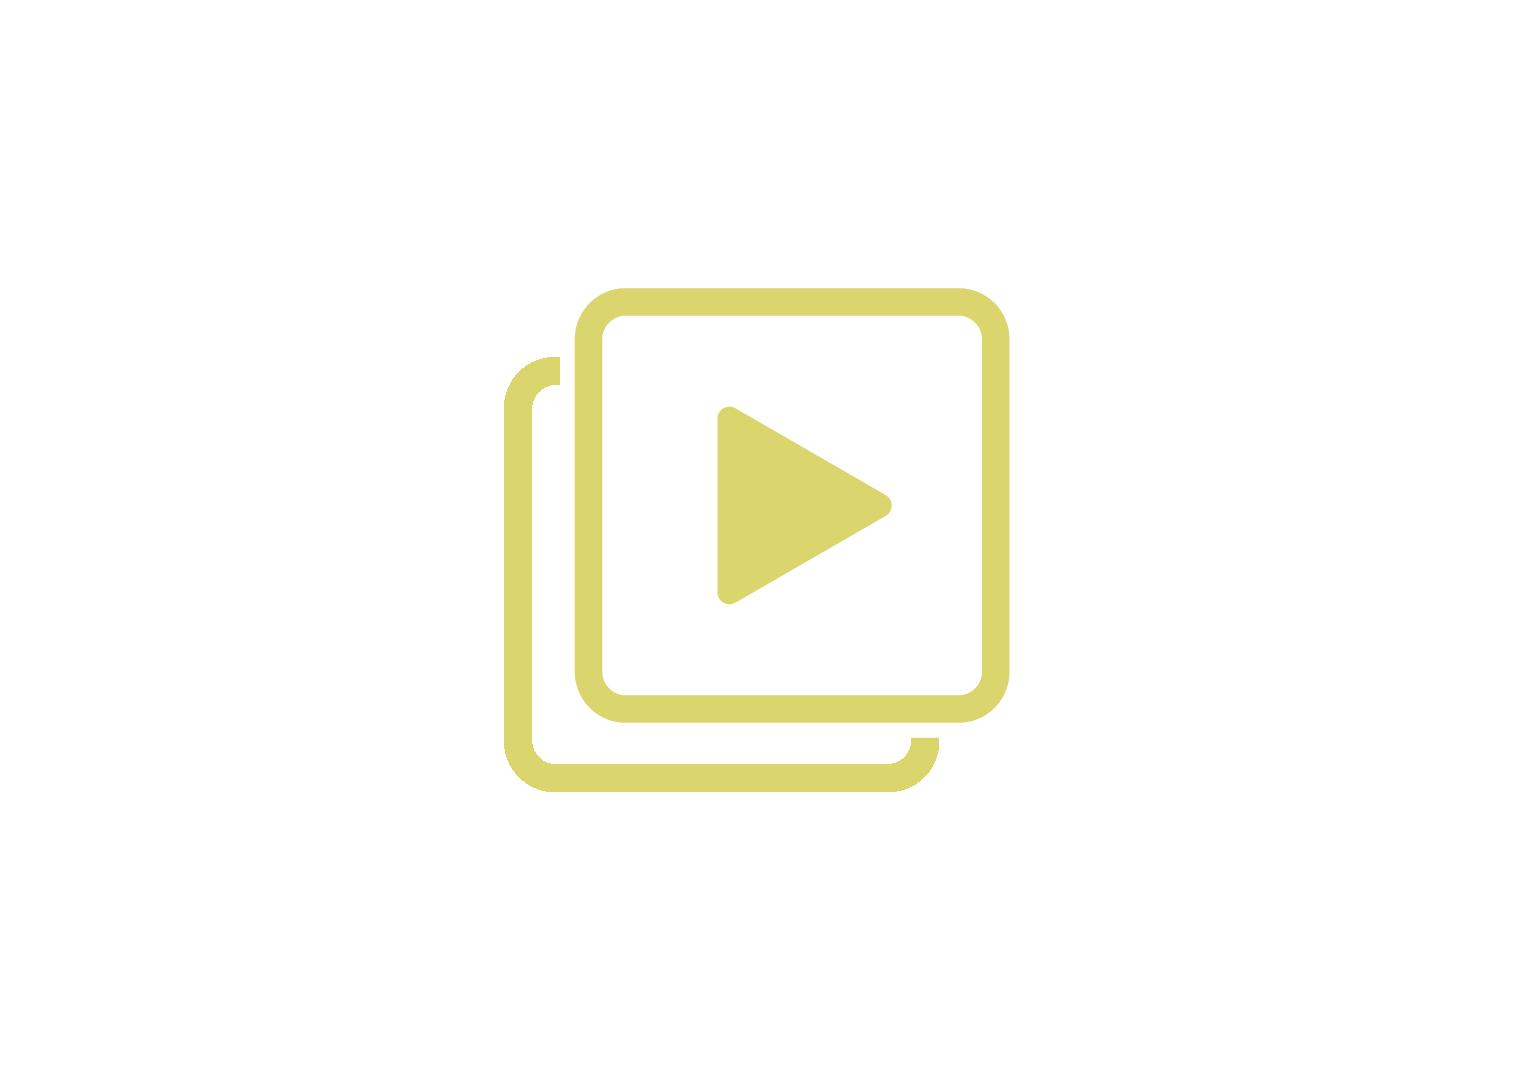 MediaVideoYellow.png